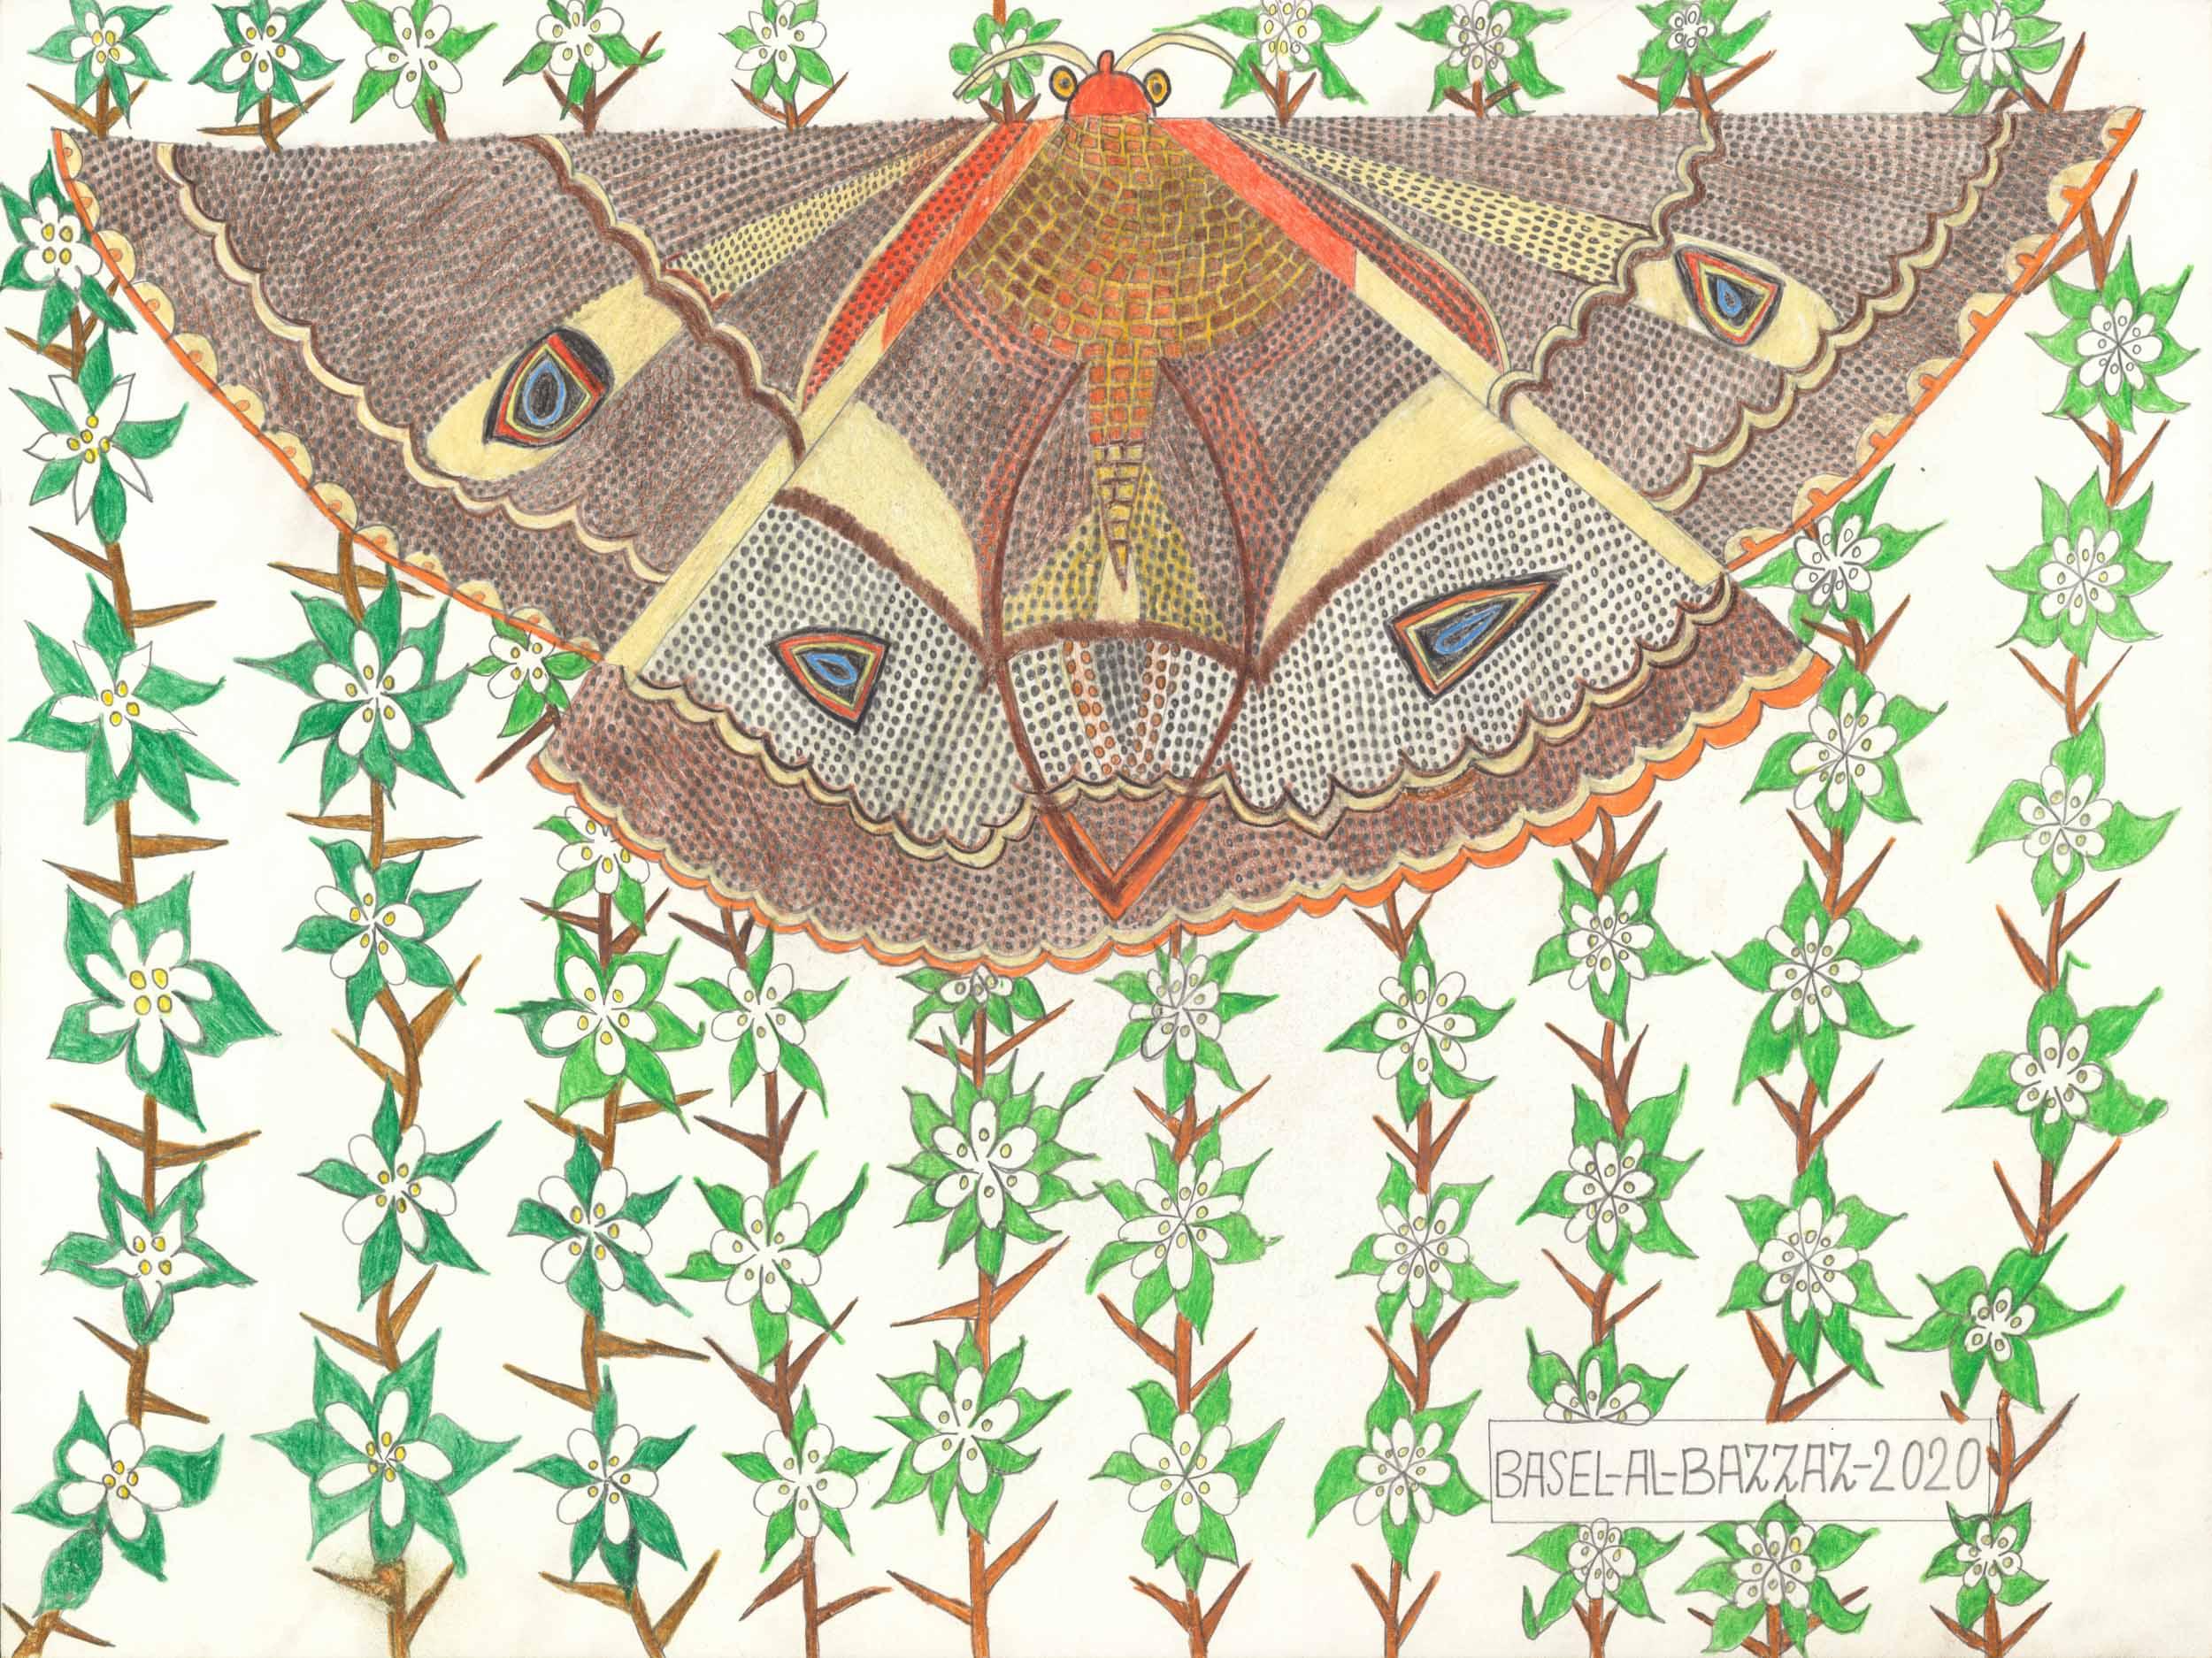 al-bazzaz basel - Flügelspanner / Wingspread